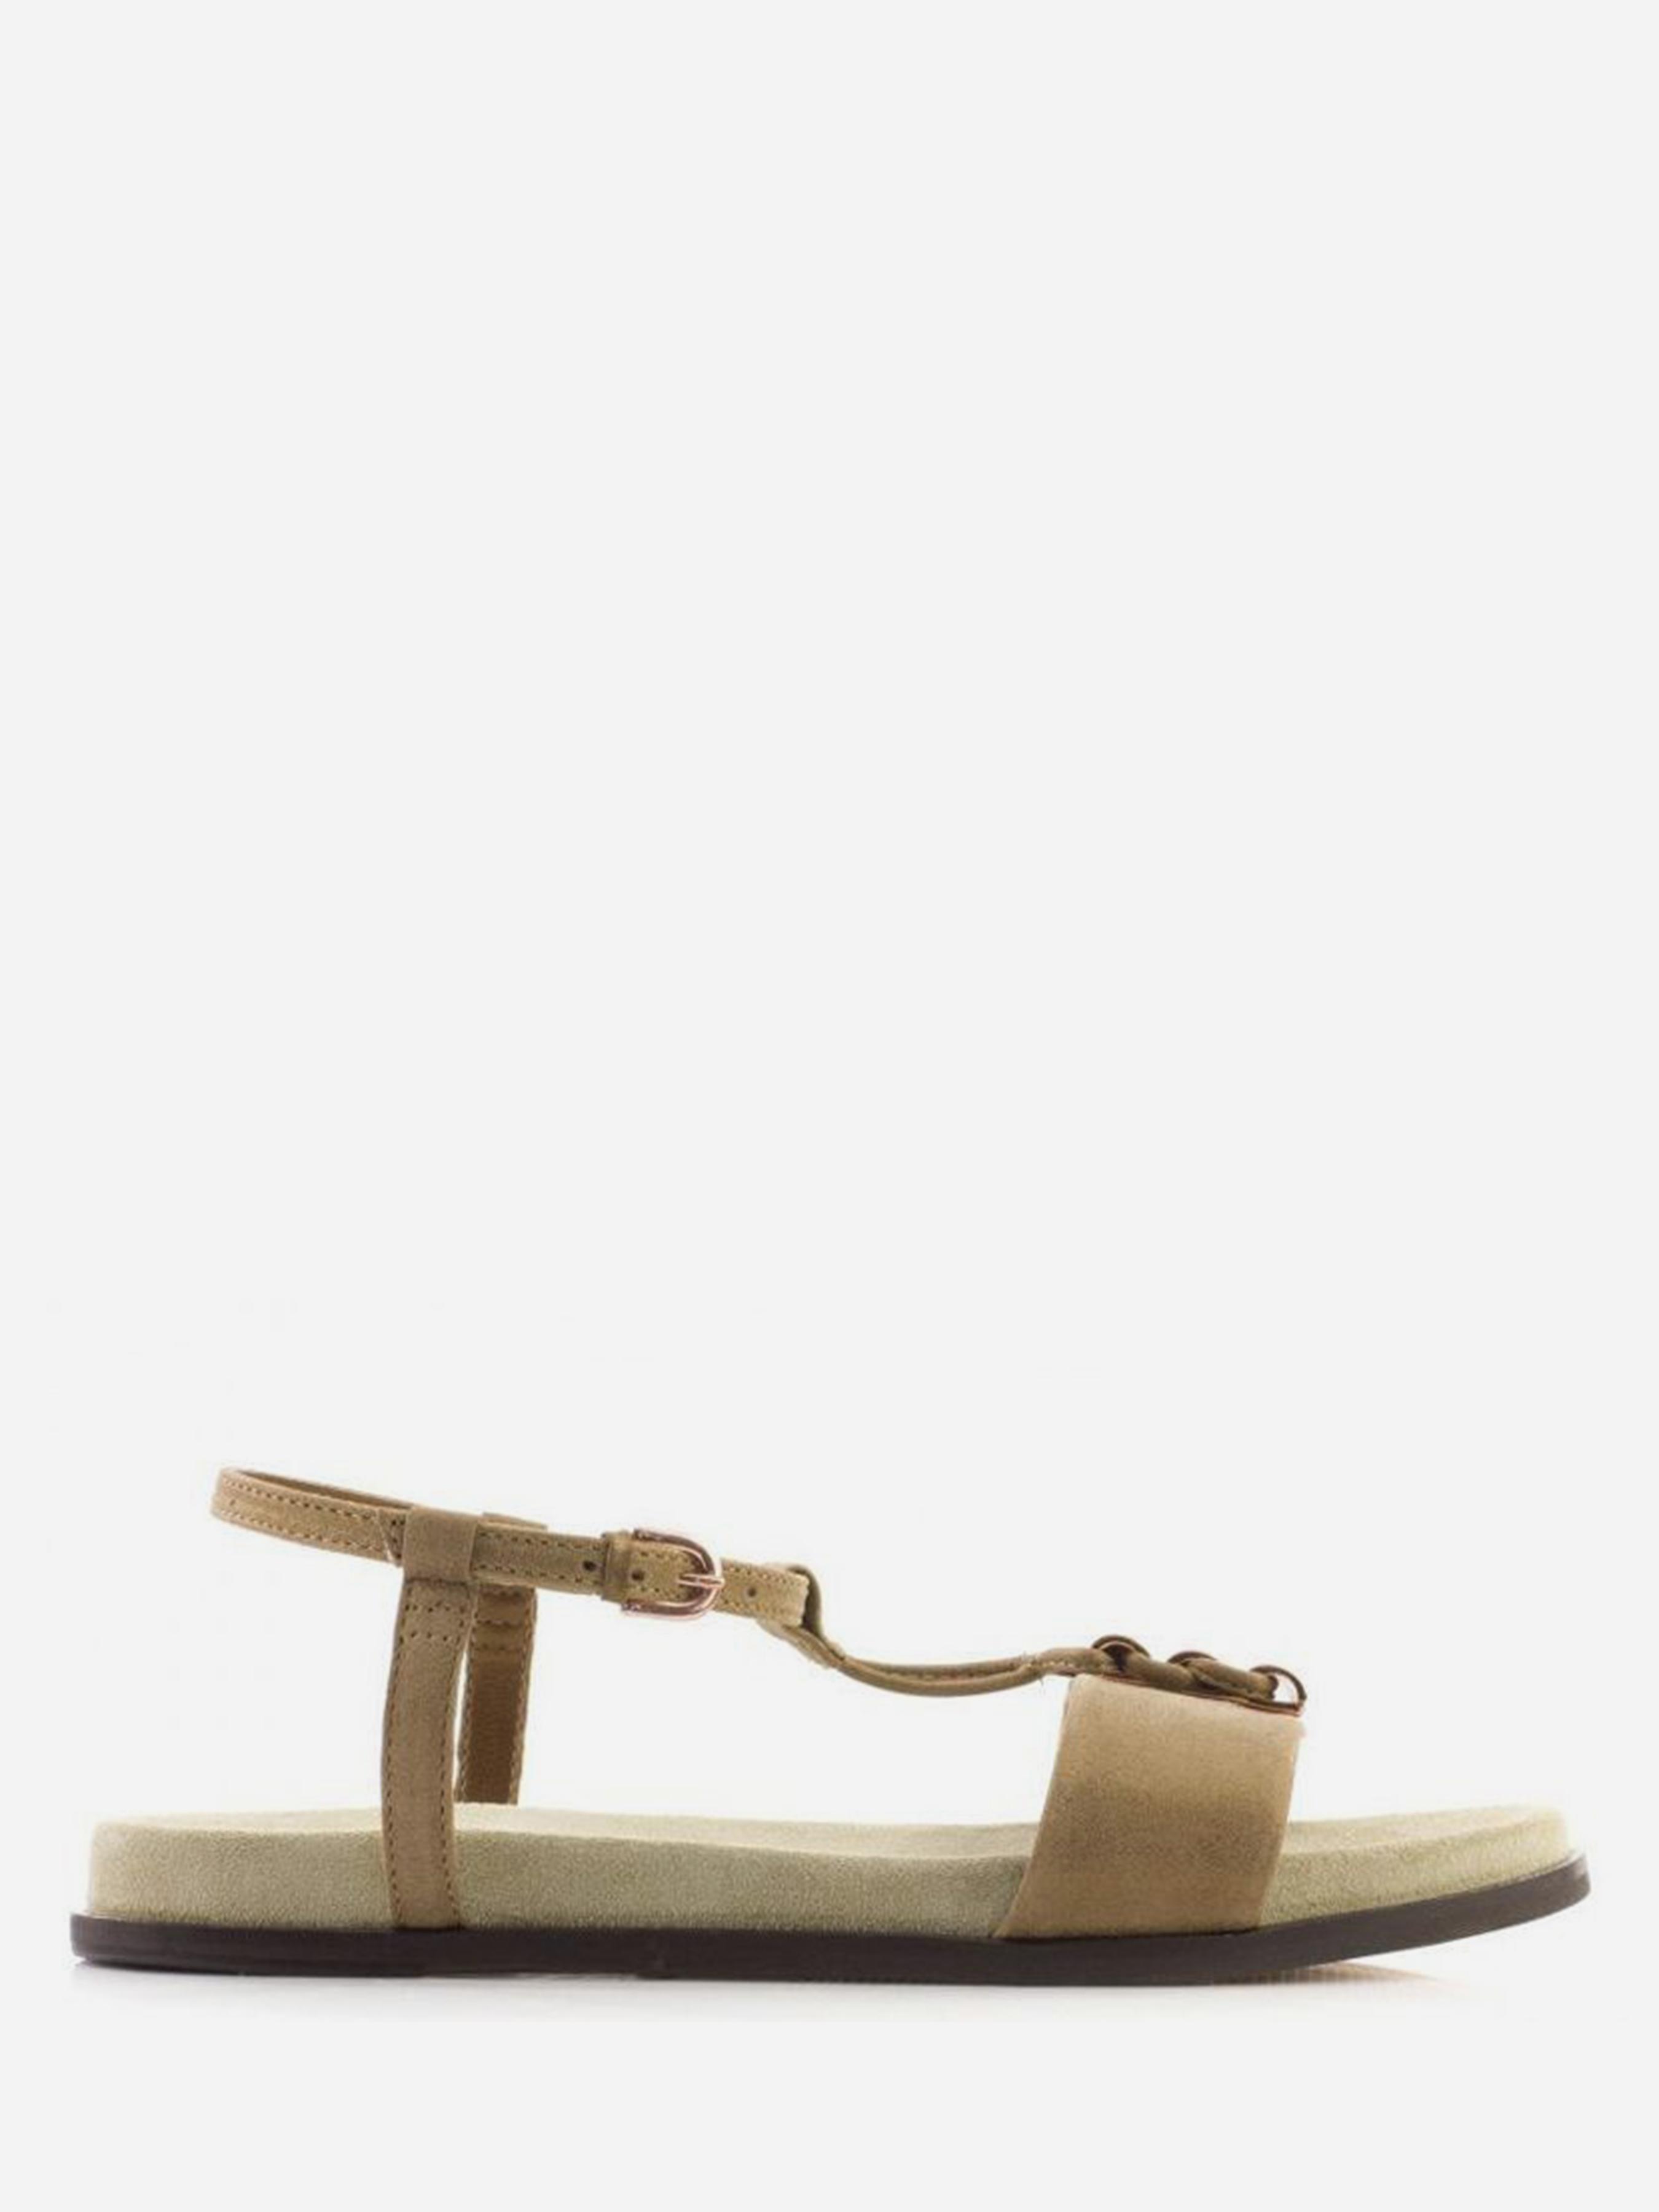 Сандалии женские Clarks Agean Cool OW3992 брендовая обувь, 2017